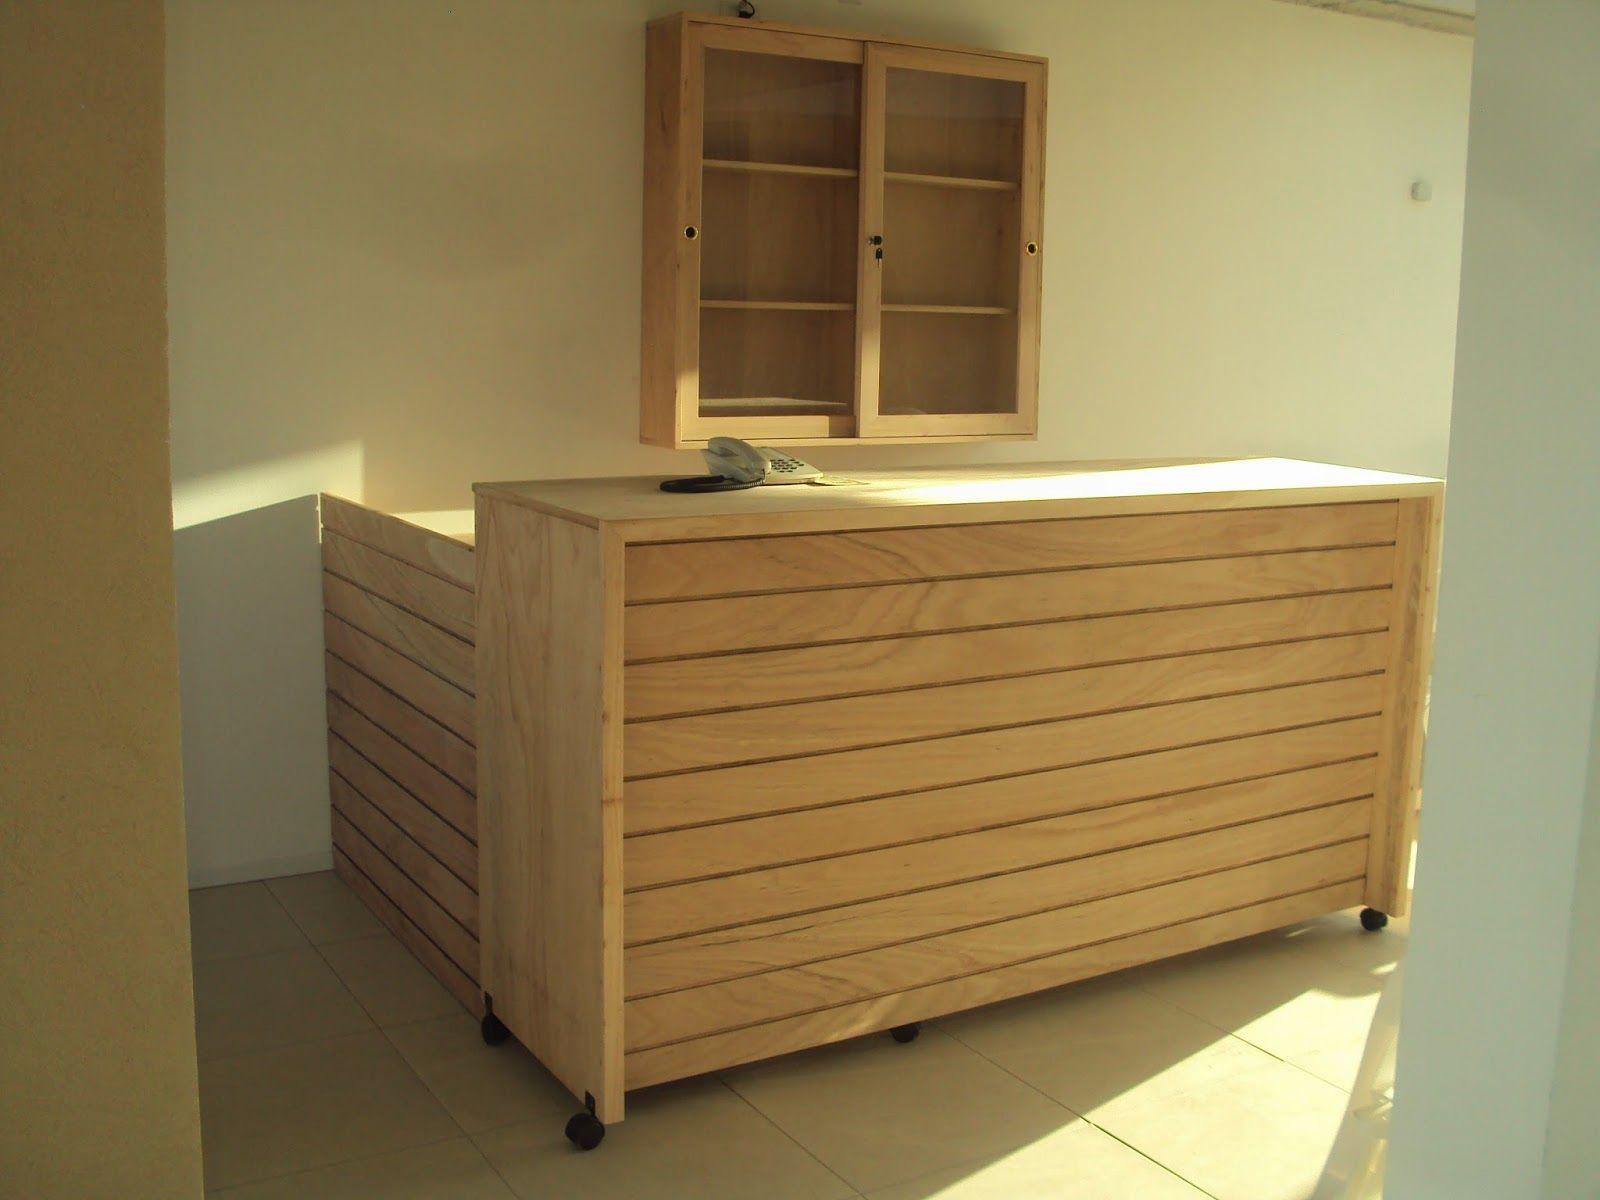 Mueble y barra de fenolico para solárium | Fenolicos | Pinterest